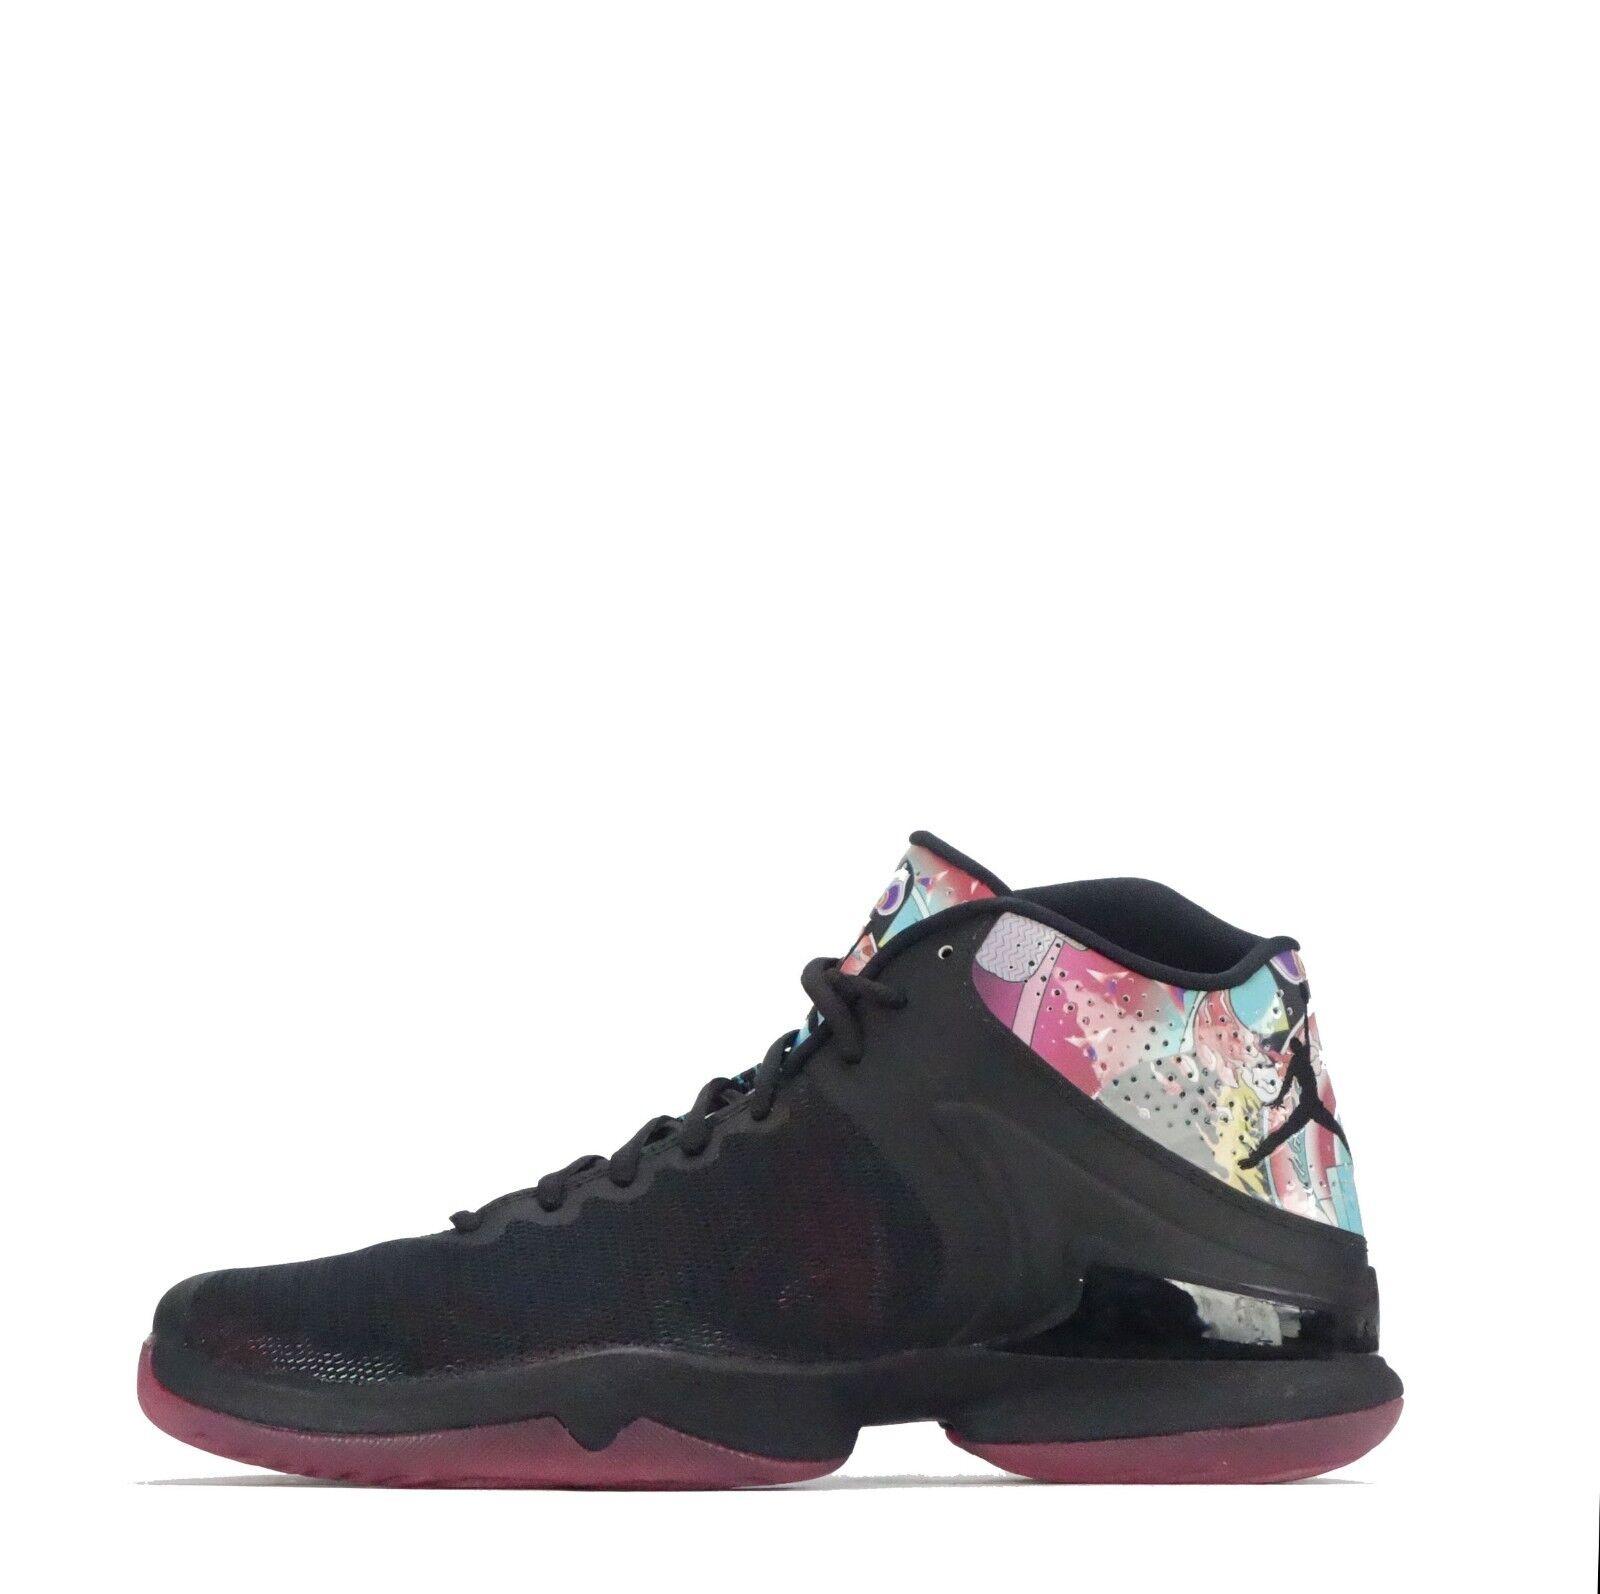 Jordan Super Super Super Fly 4 PO CNY Cinese Nuovo Year scarpe da ginnastica Uomo in Nero rosa | Primo gruppo di clienti  | Uomo/Donne Scarpa  7f4ed0